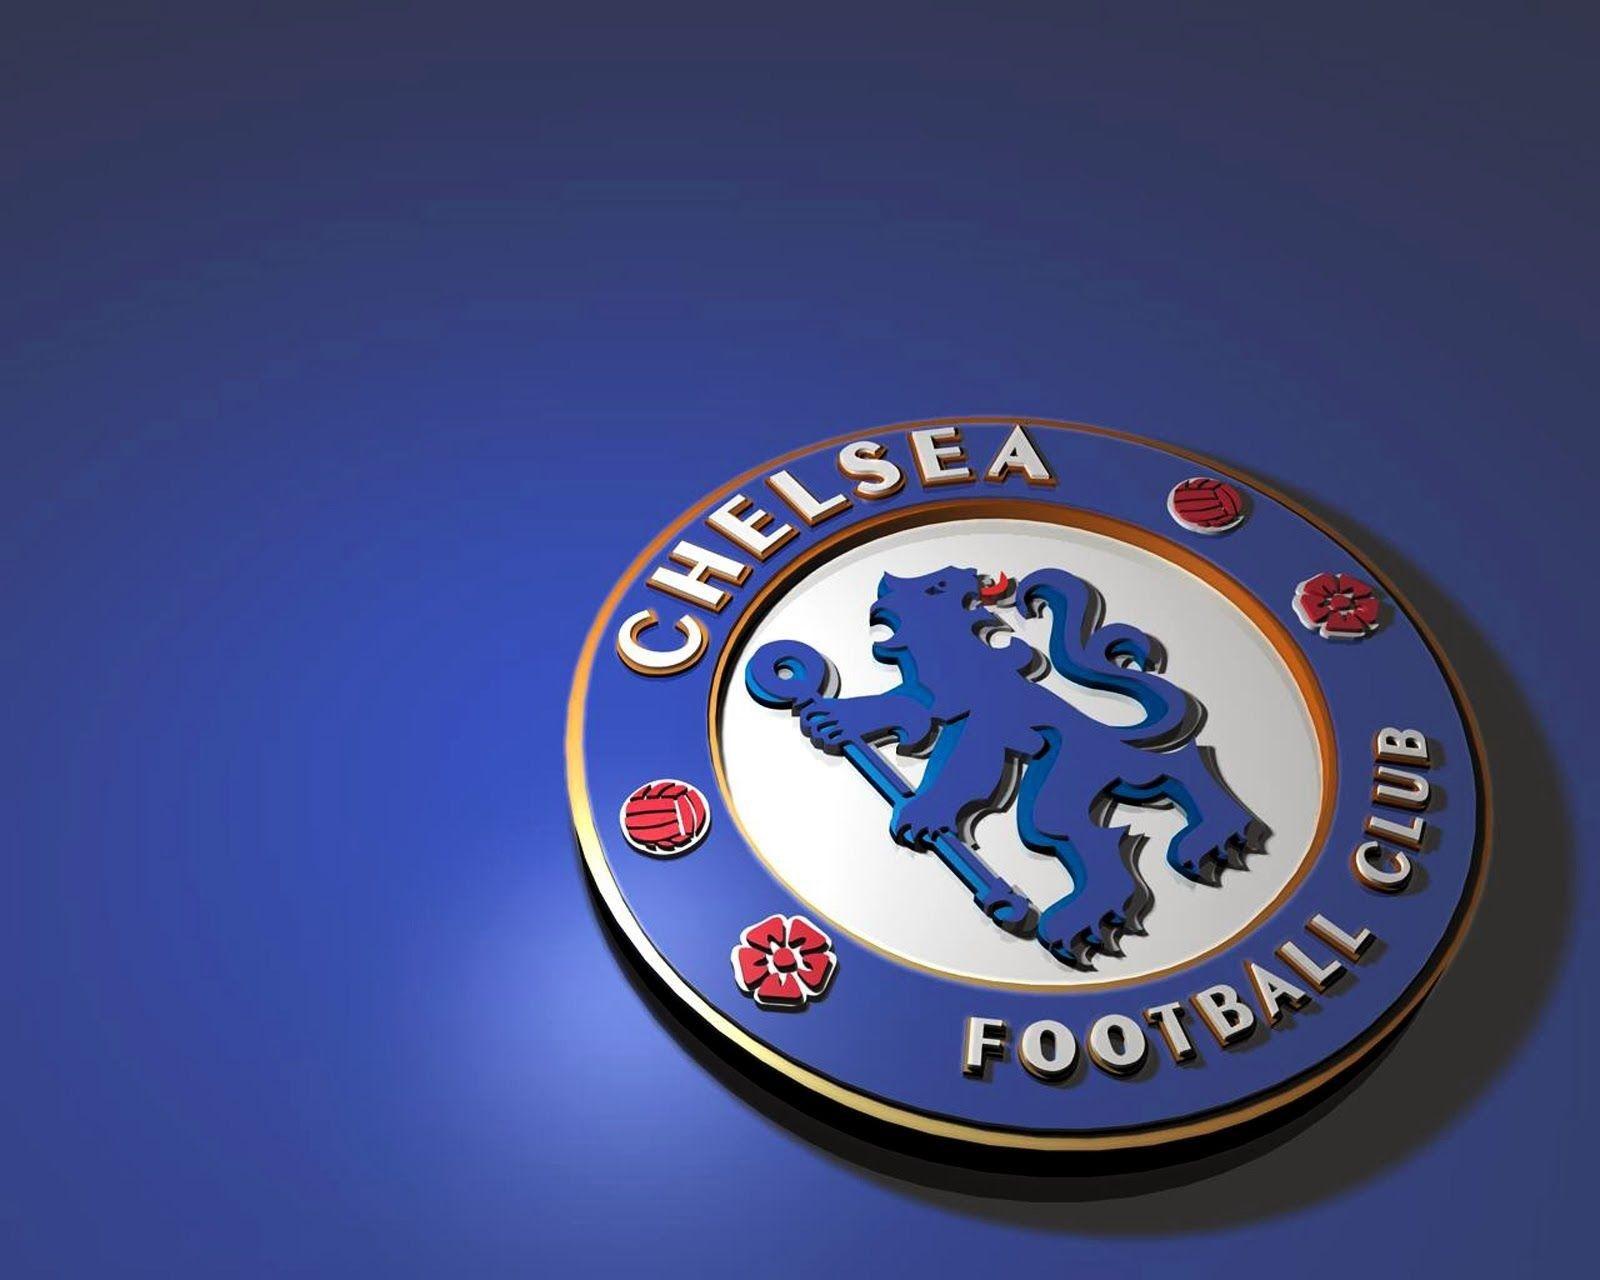 Chelsea fc logo background ololoshenka pinterest chelsea fc chelsea fc logo background voltagebd Image collections